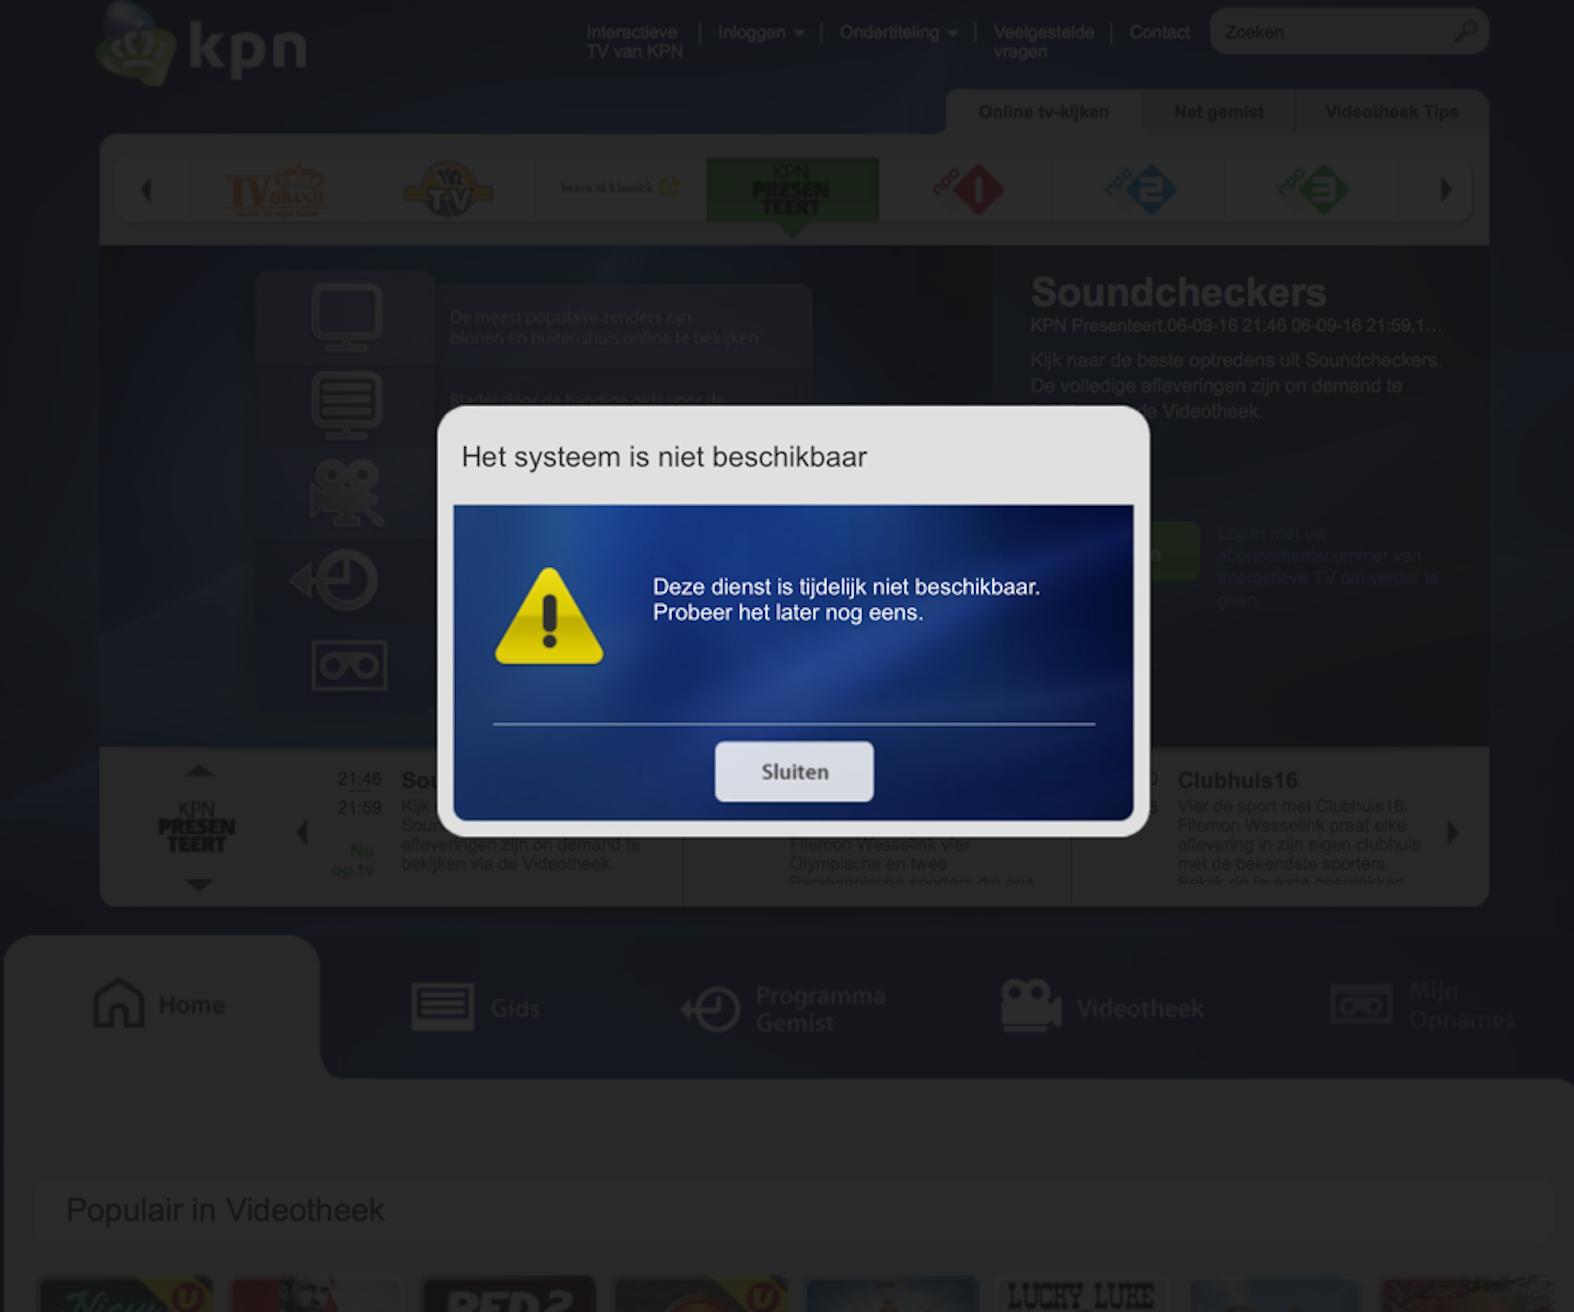 Itv Online Werkt Niet Meer Op Laptops Kpn Community